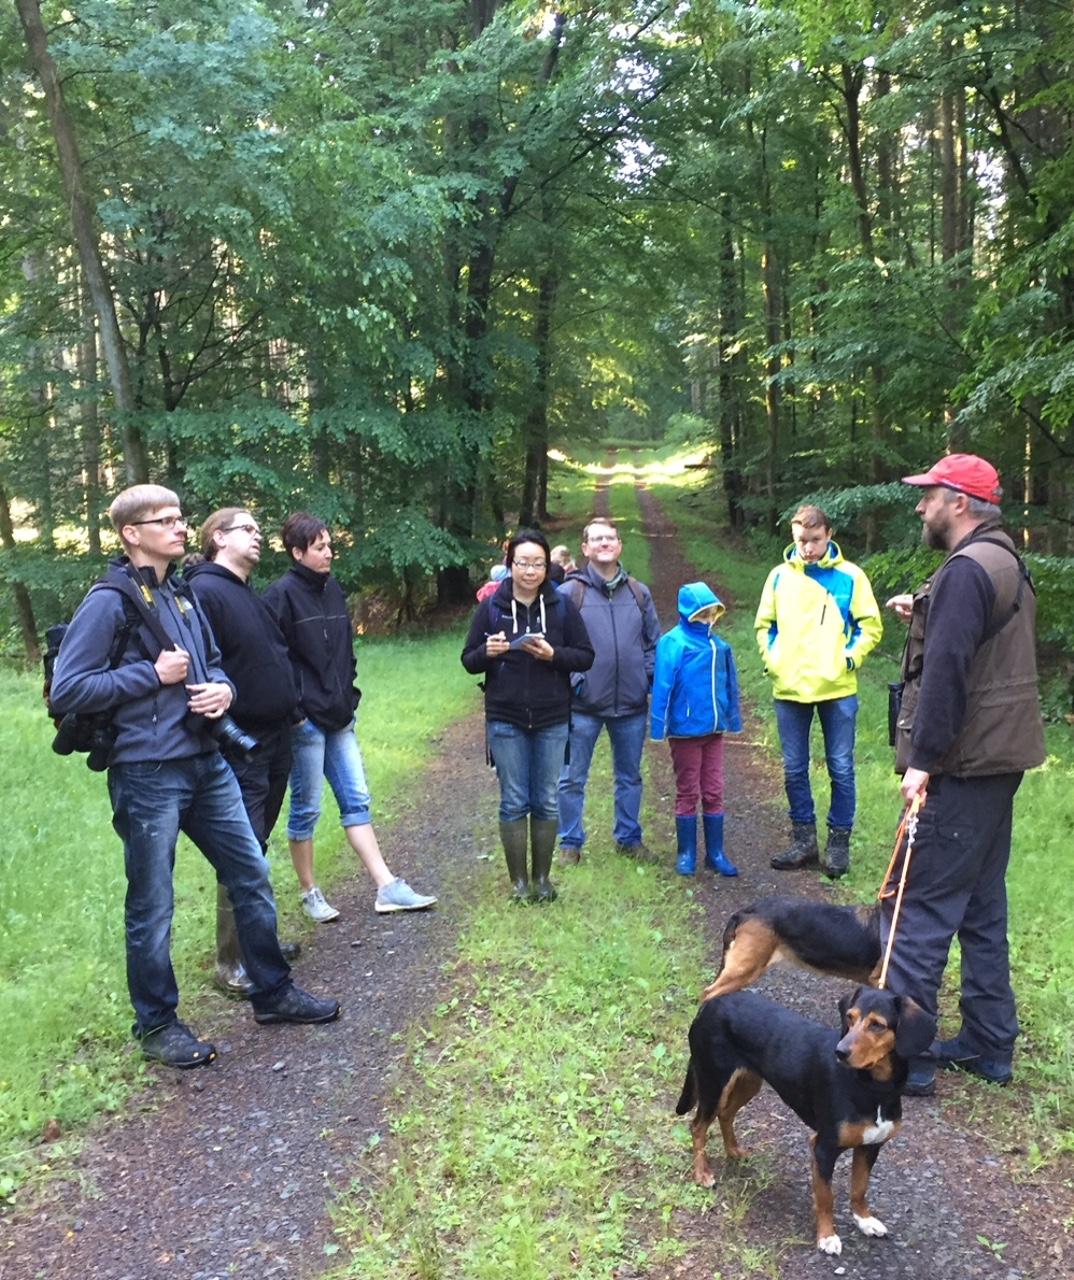 Verein Schöner Ausblick e.V. auf Vogelstimmenwanderung mit Axel Rockel von der Hessischen Vogelschutzwarte